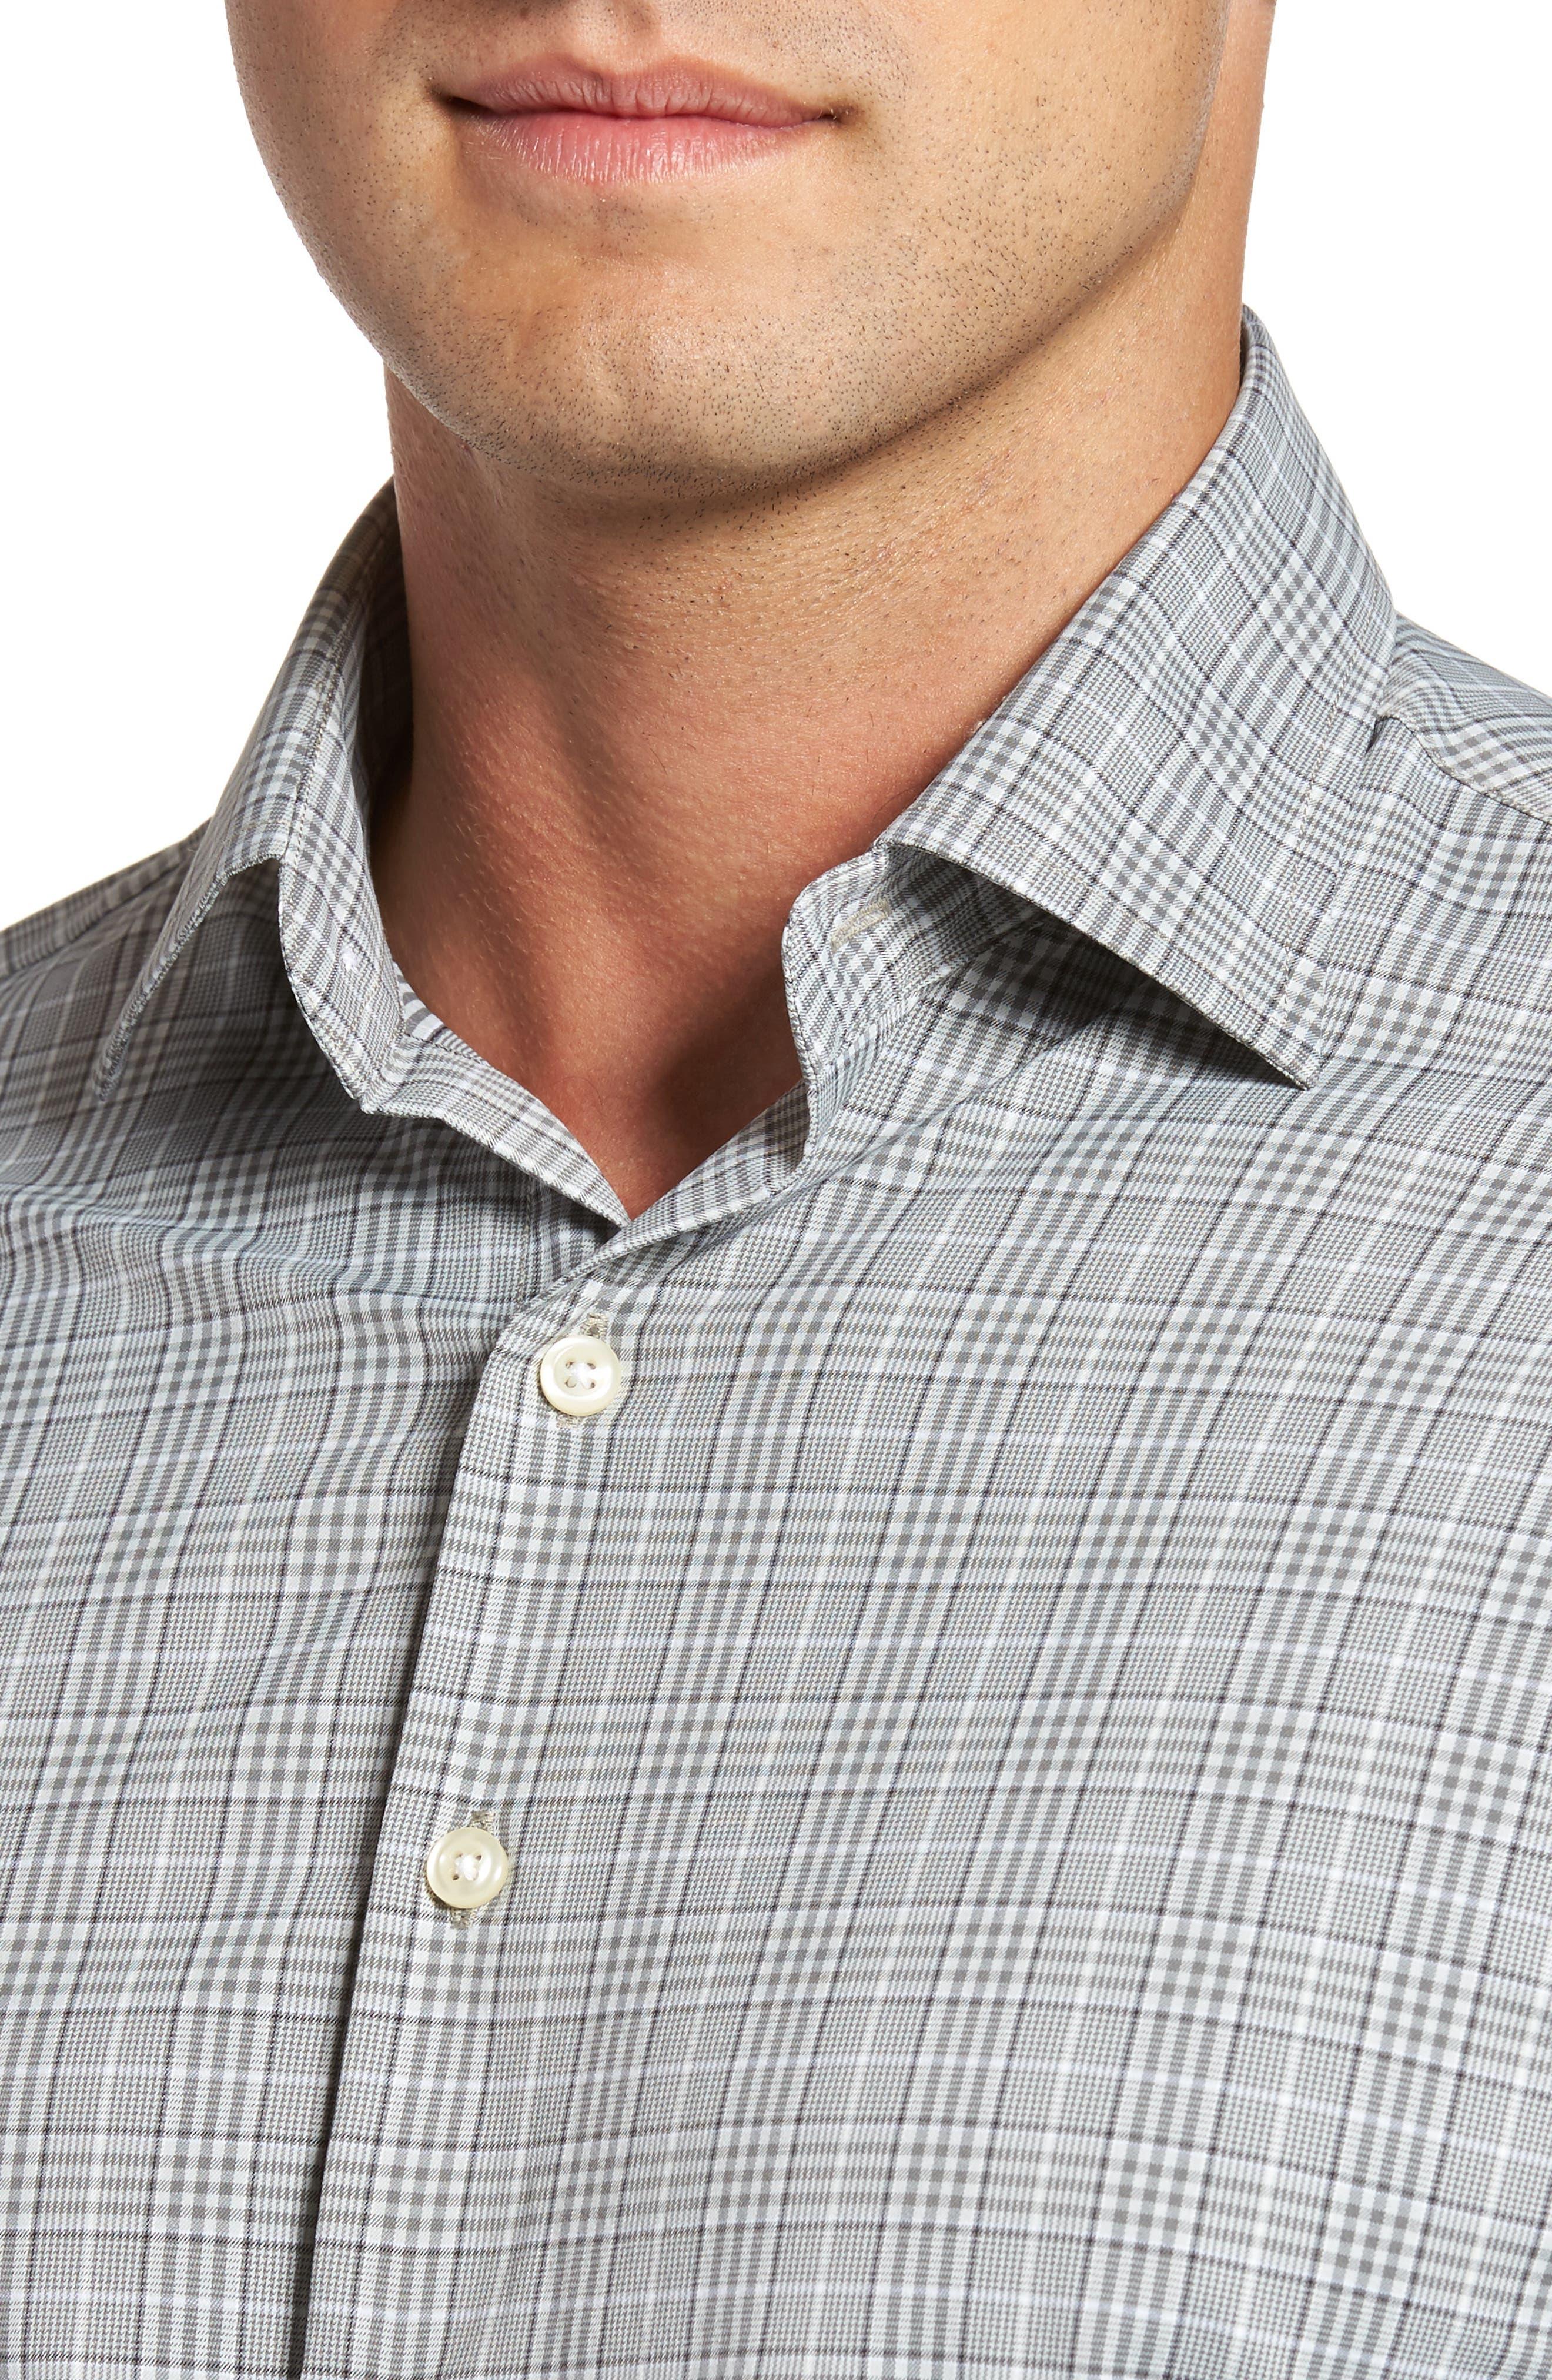 Vedder Gingham Regular Fit Performance Sport Shirt,                             Alternate thumbnail 4, color,                             Smoke